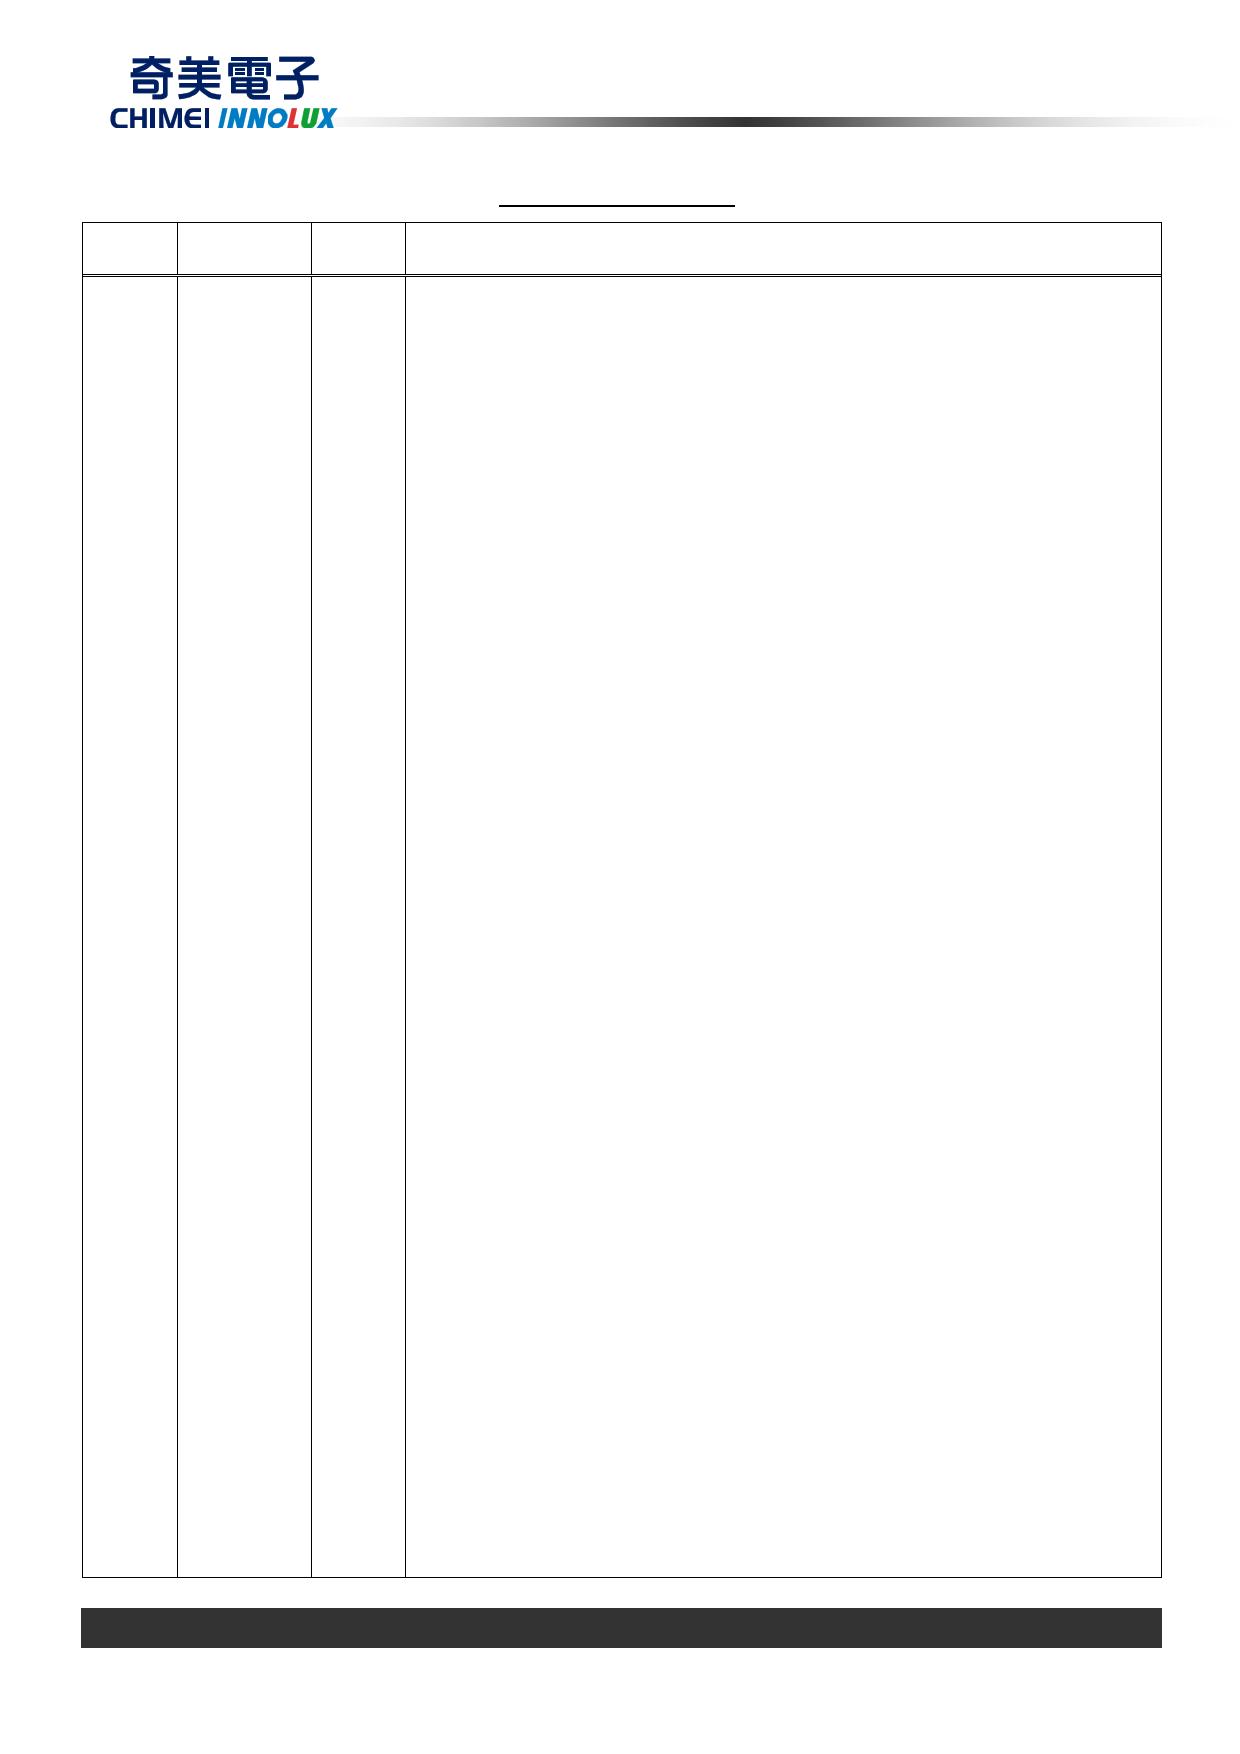 G104AGE-L02 pdf, ピン配列